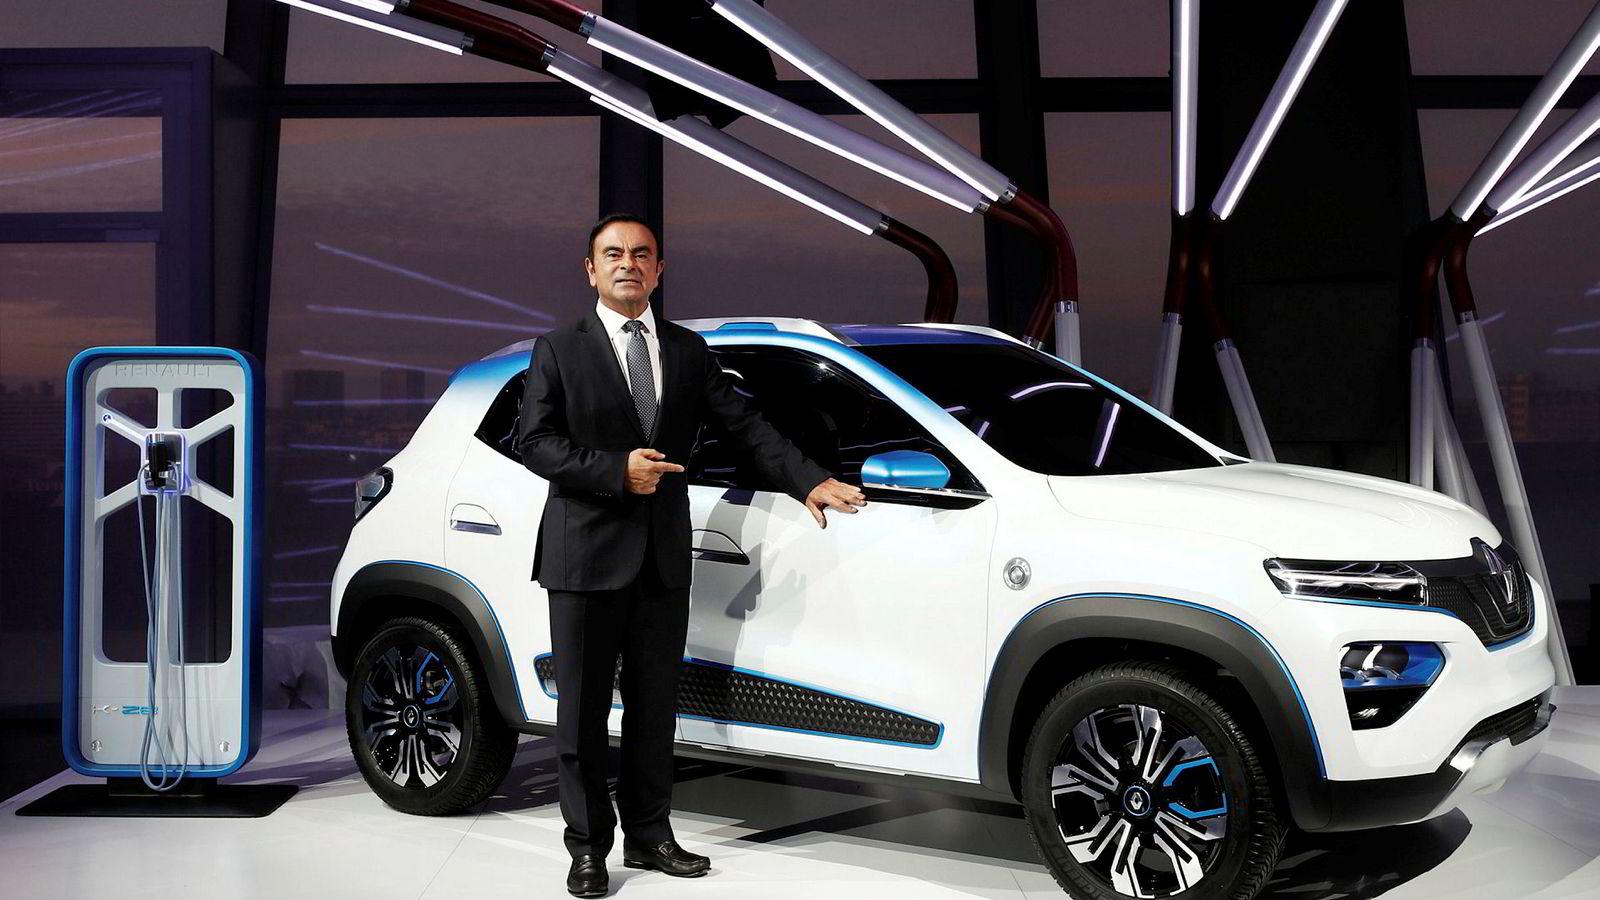 Bedrageritiltalte Carlos Ghosn har gått av som toppsjef i Renault.